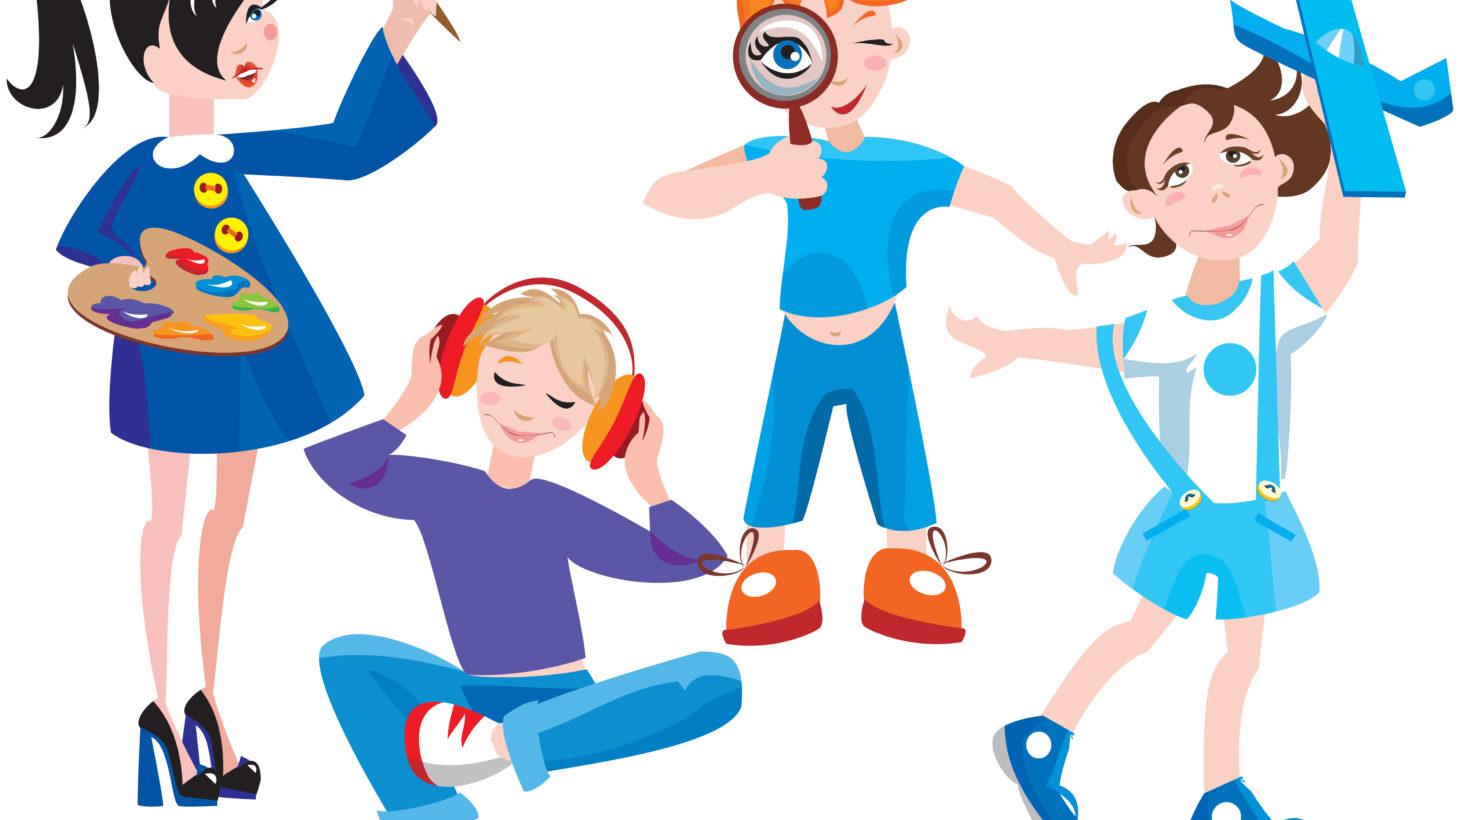 Tecknade ungdomar ägnar sig åt fritidssysslor.